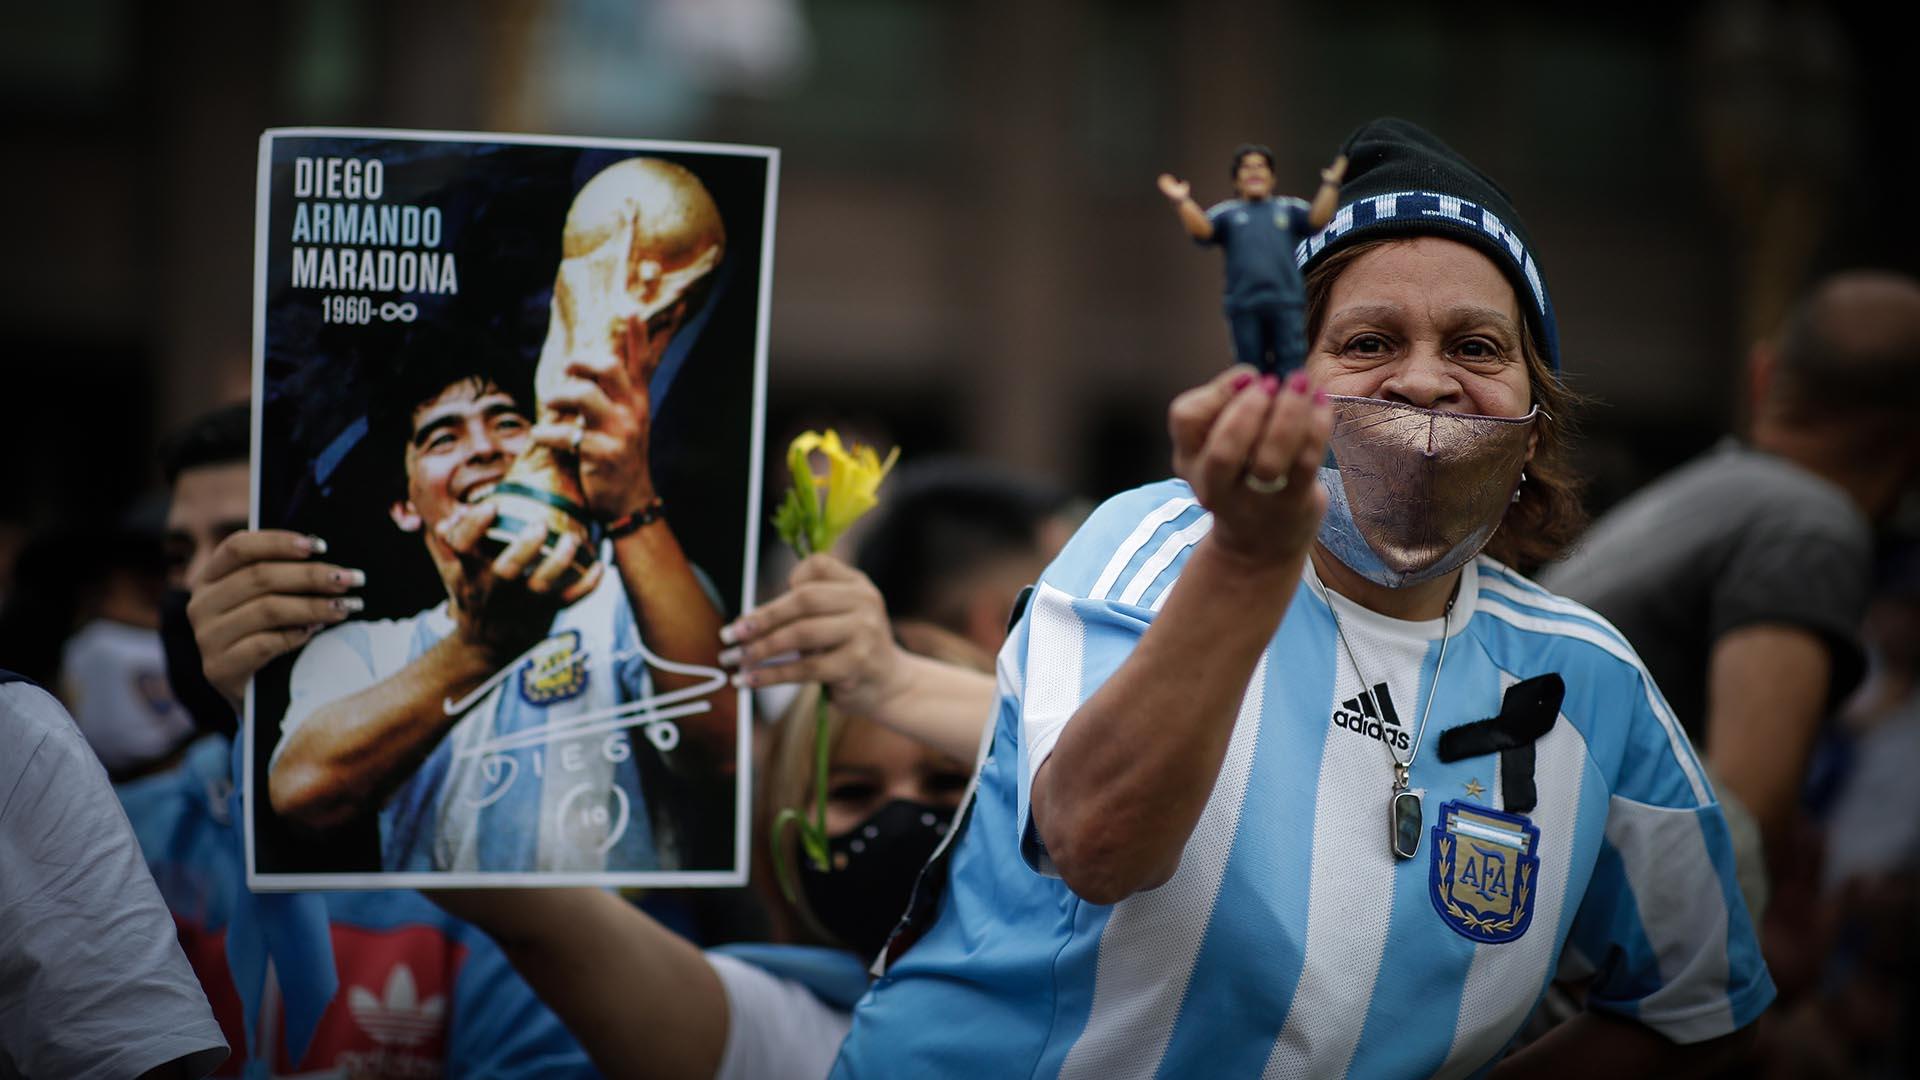 El póster con Diego y la Copa del Mundo de México 1986 y un muñeco. El fanatismo por Maradona no reconoce límites